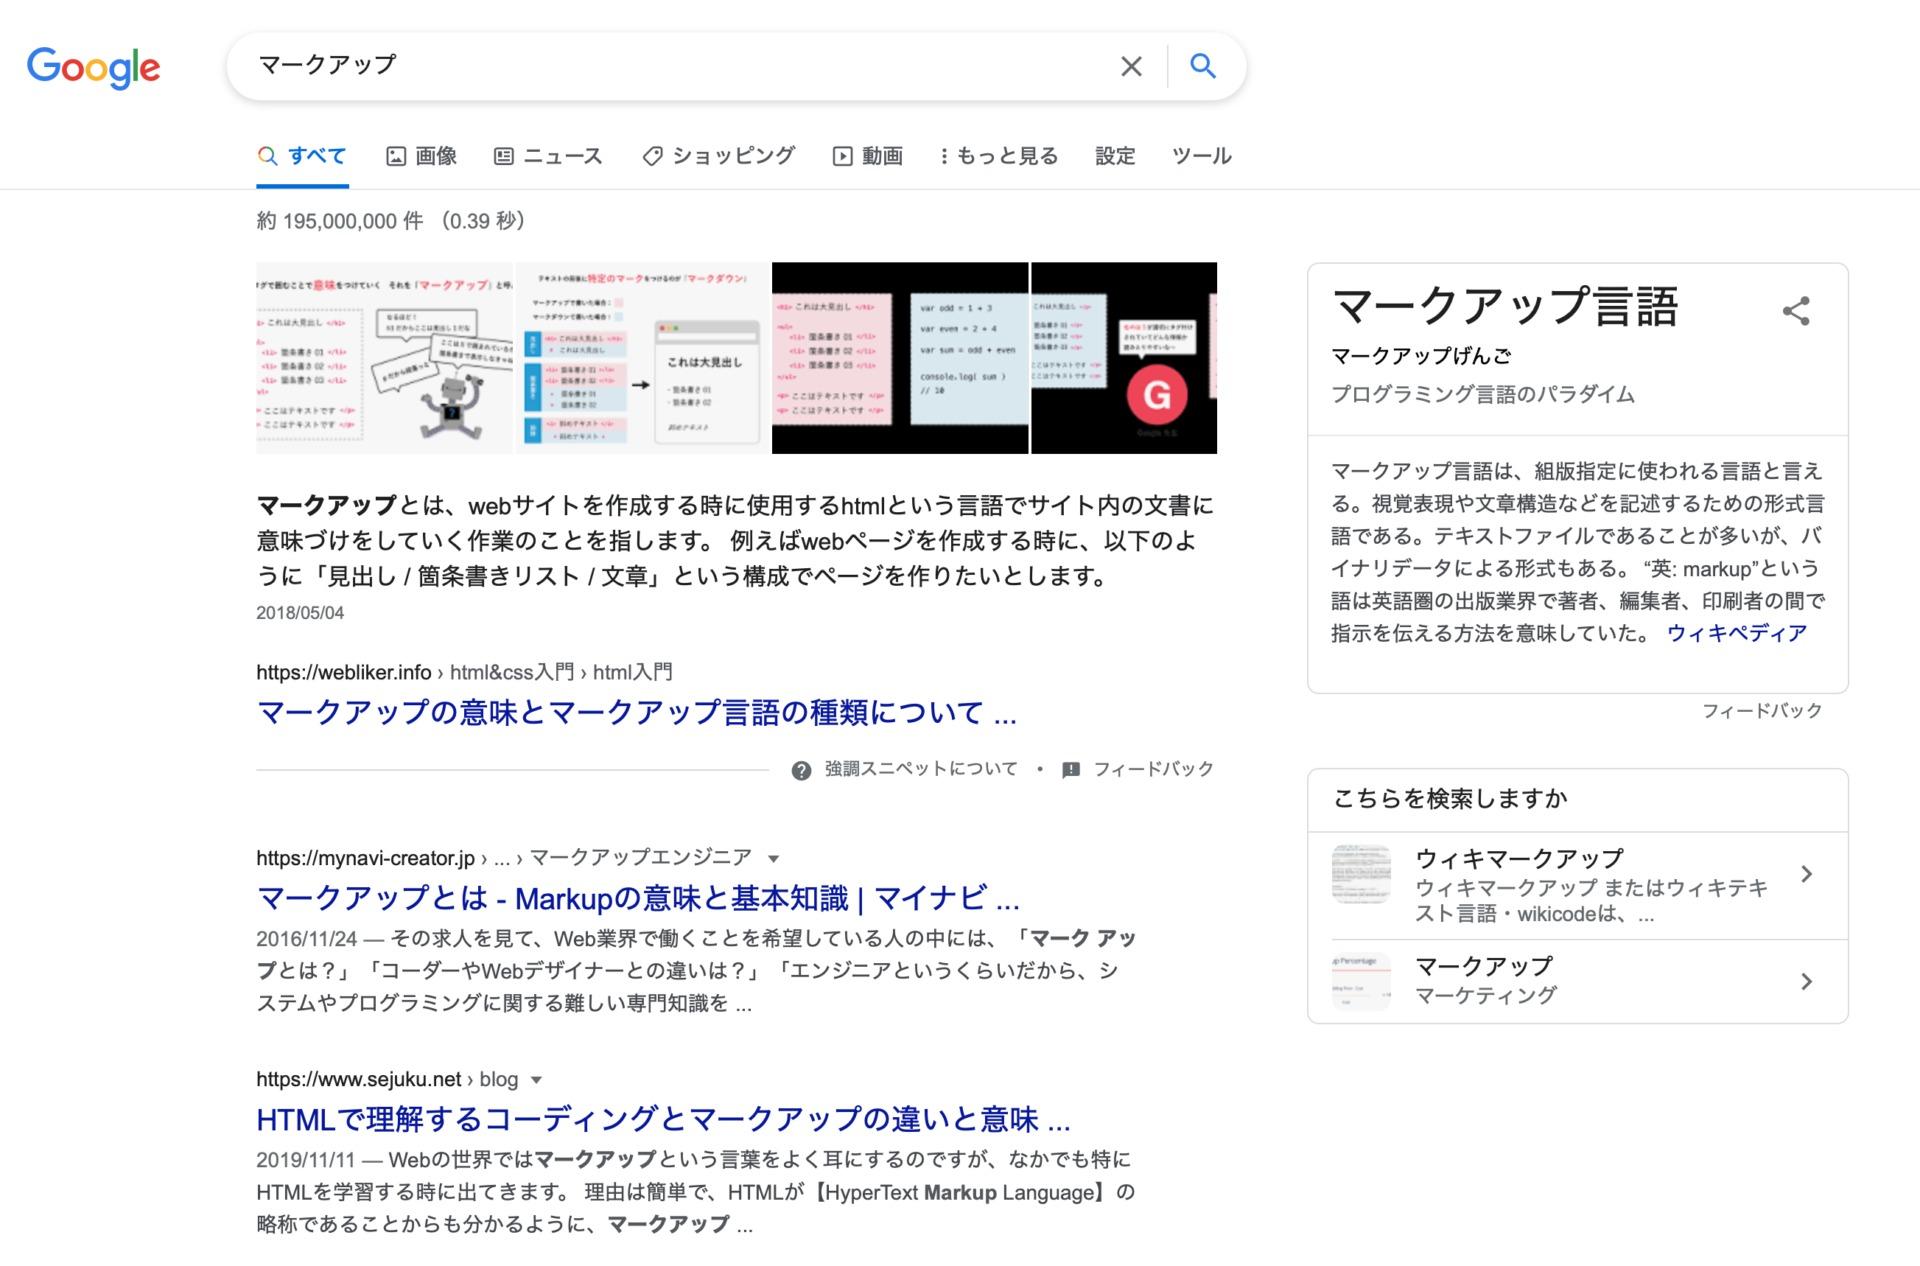 「一単語」で検索した場合のGoogle検索結果の例